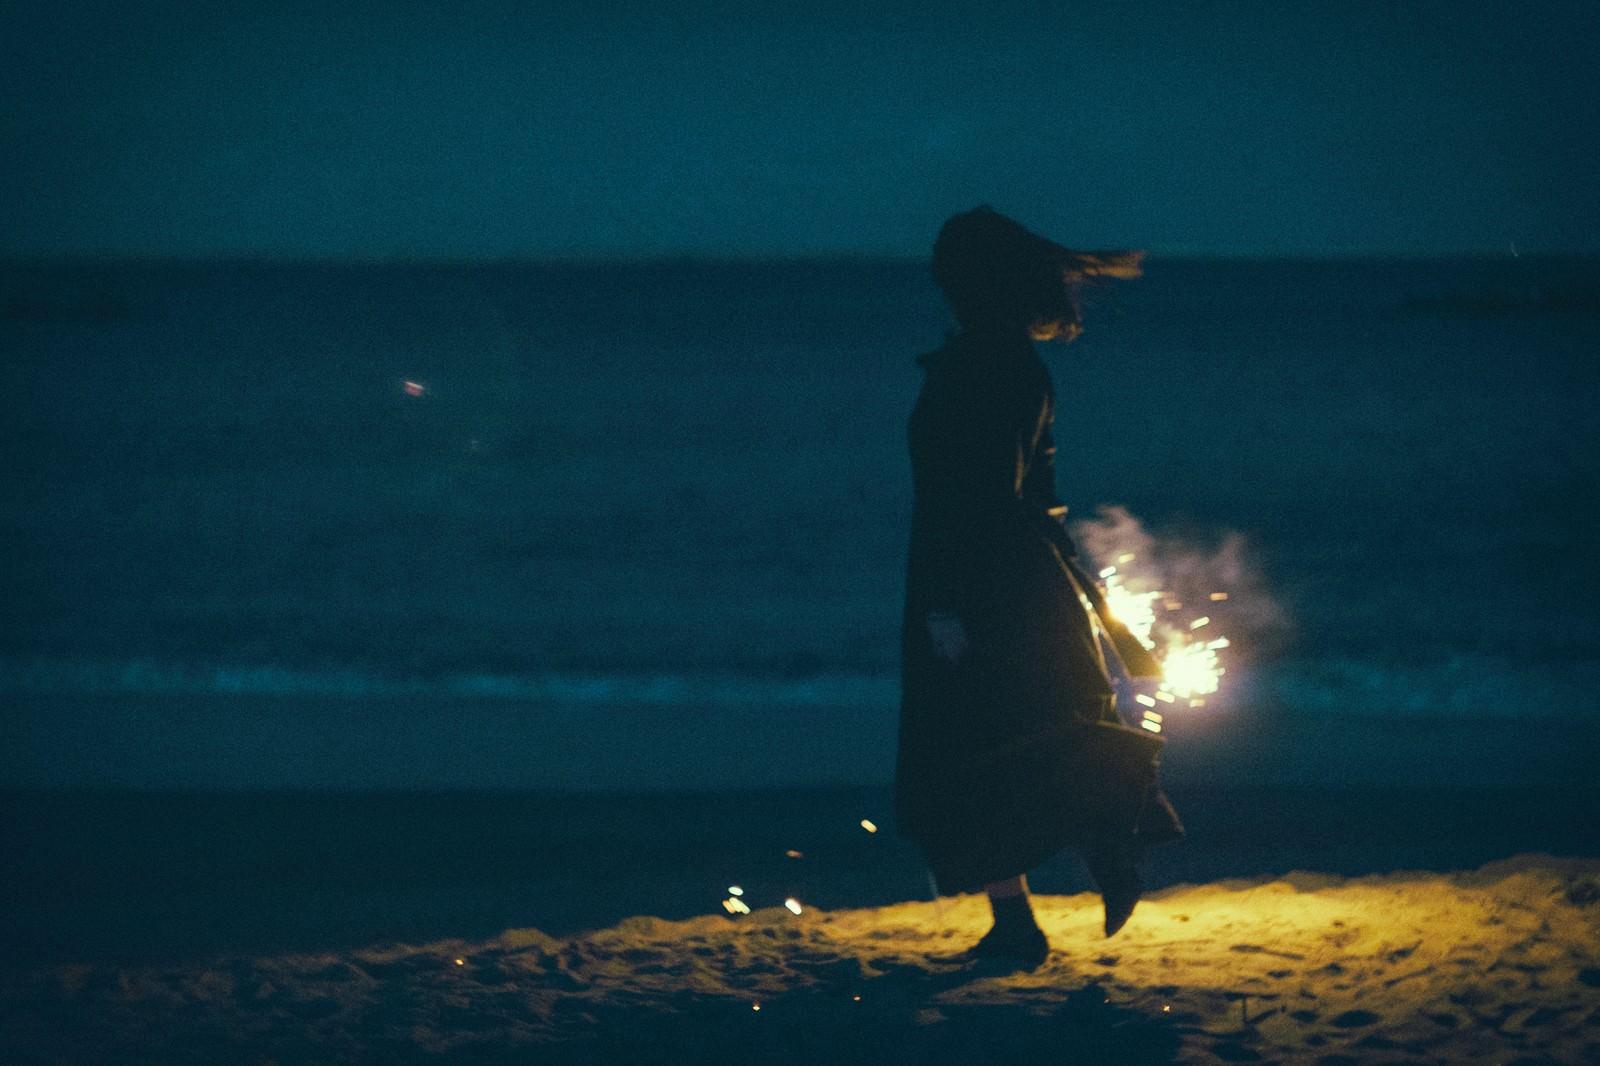 「夜の浜辺で手持ち花火と女性のシルエット」の写真